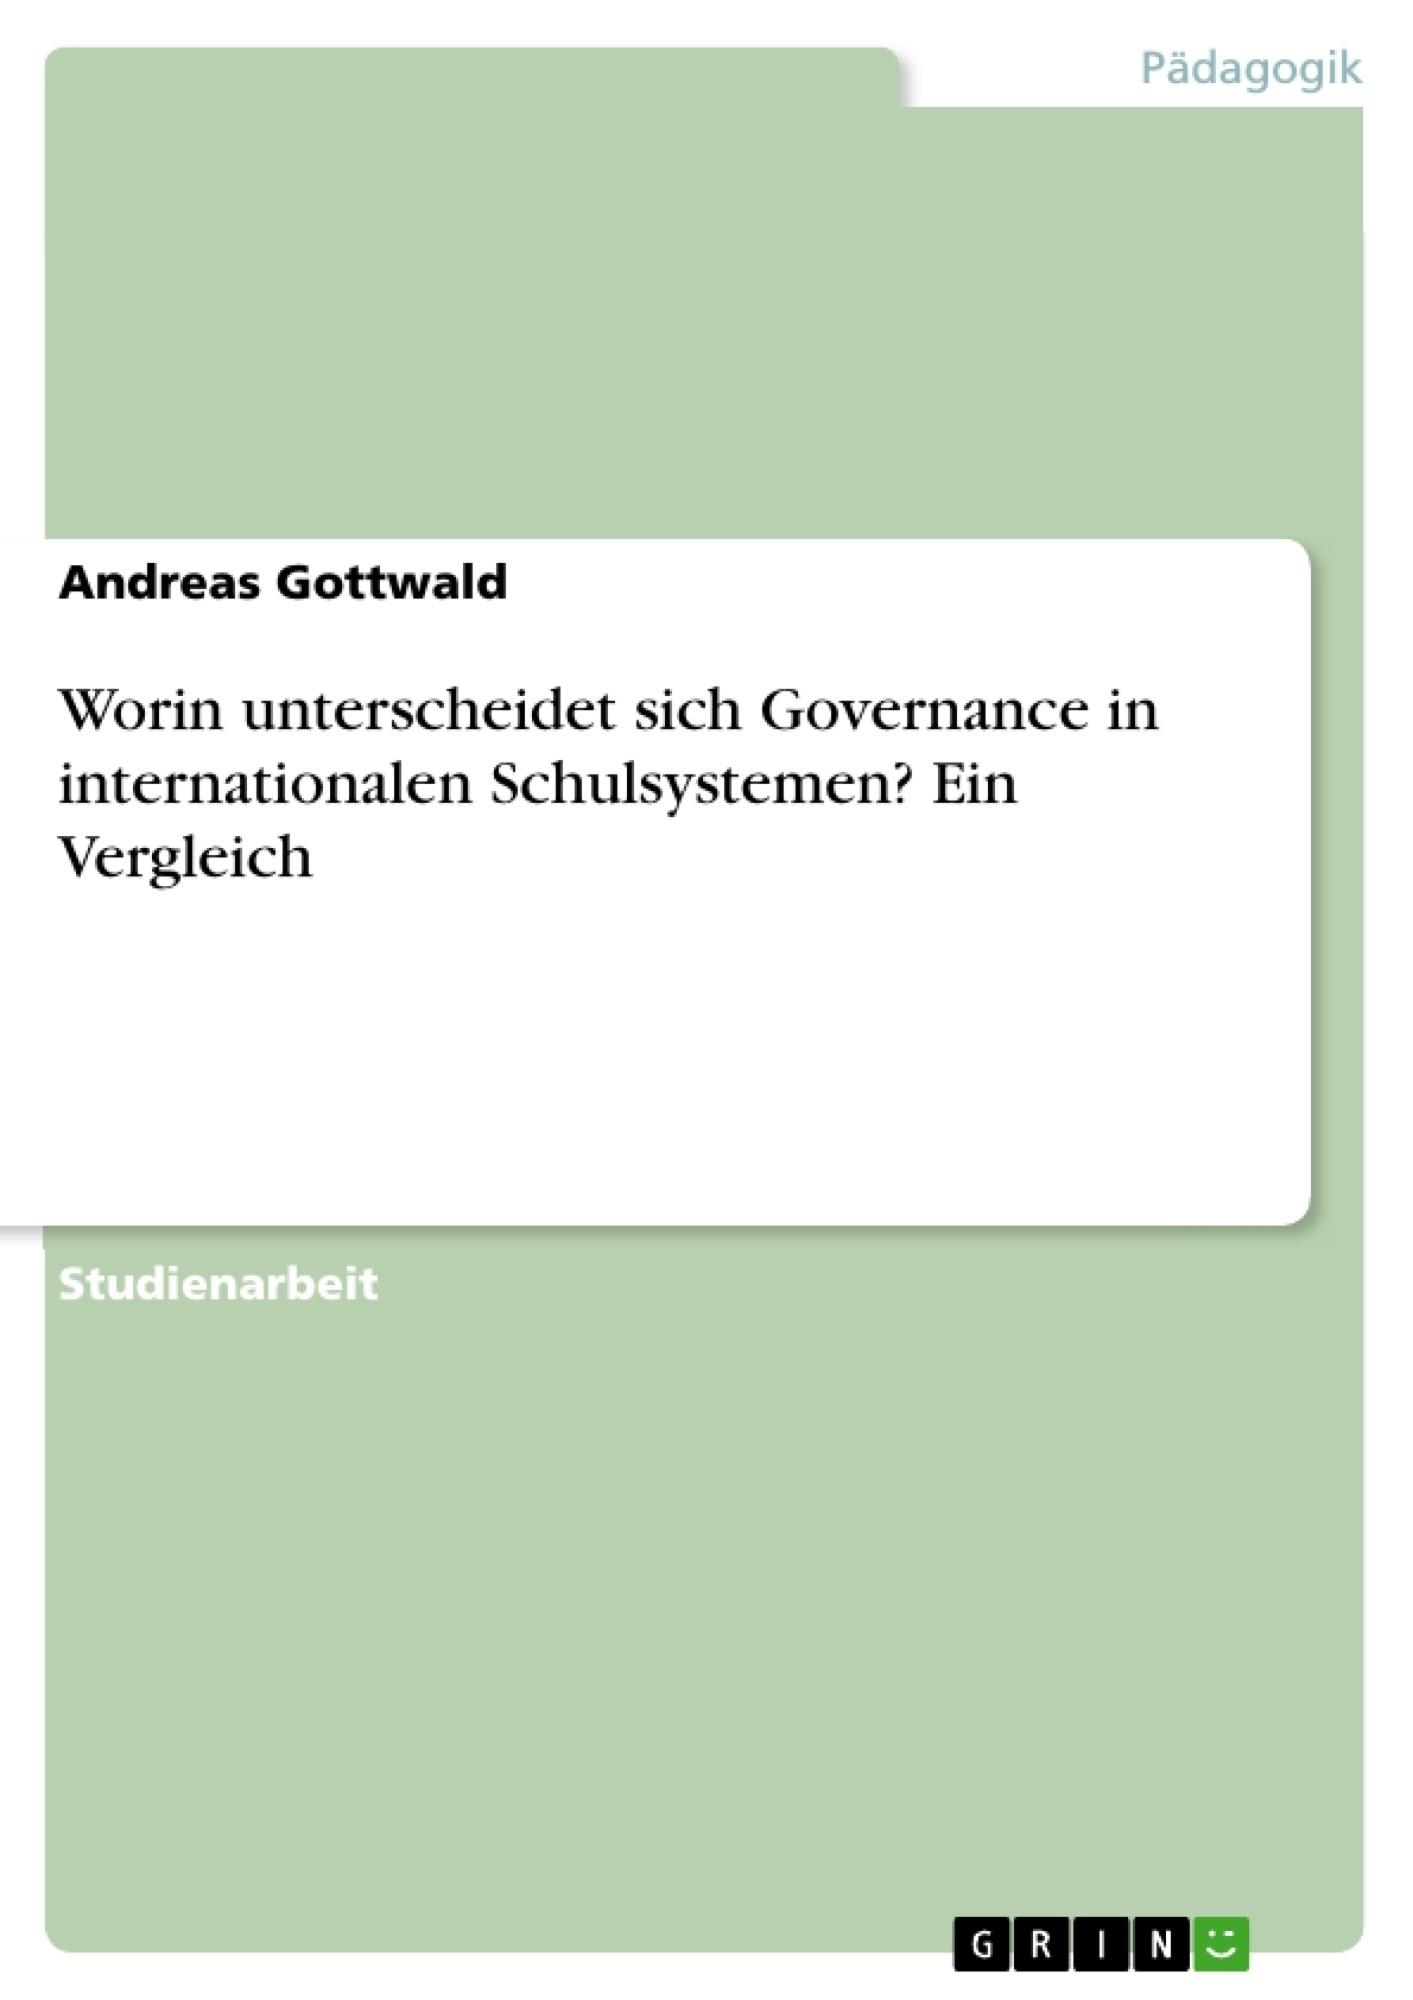 Titel: Worin unterscheidet sich Governance in internationalen Schulsystemen? Ein Vergleich